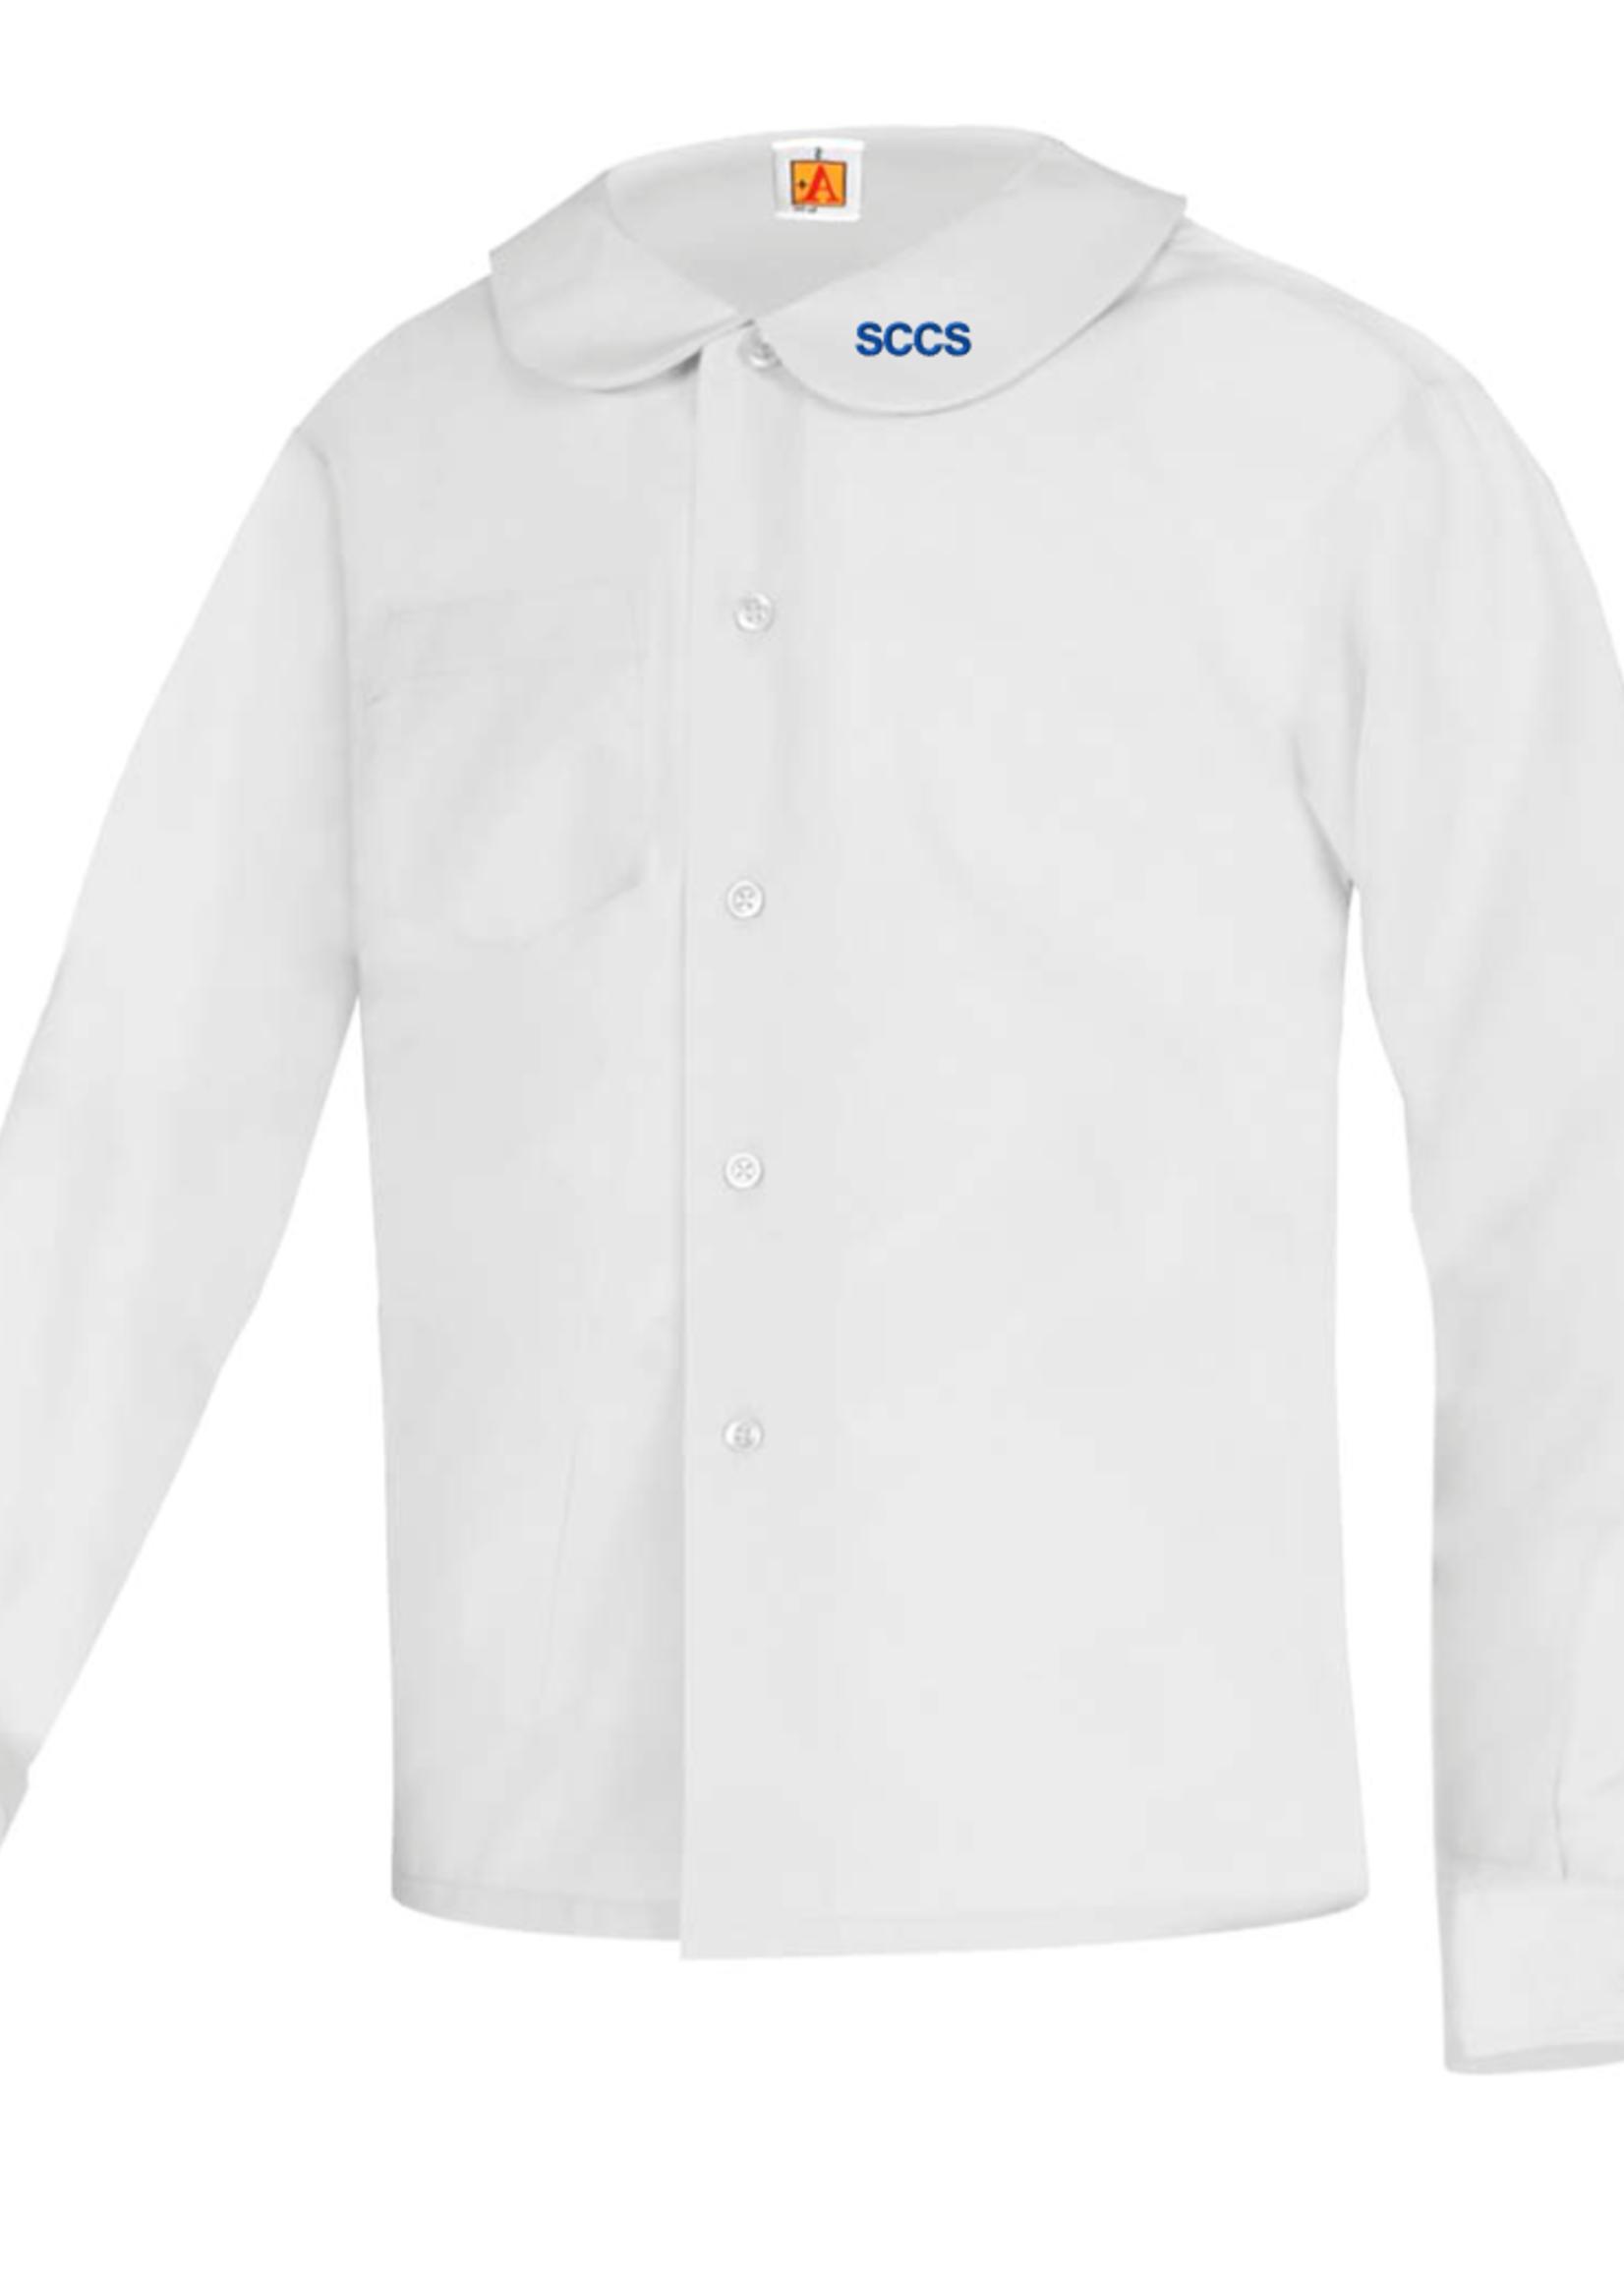 TUS SCCS White Long Sleeve Peter Pan Blouse w/o Pocket